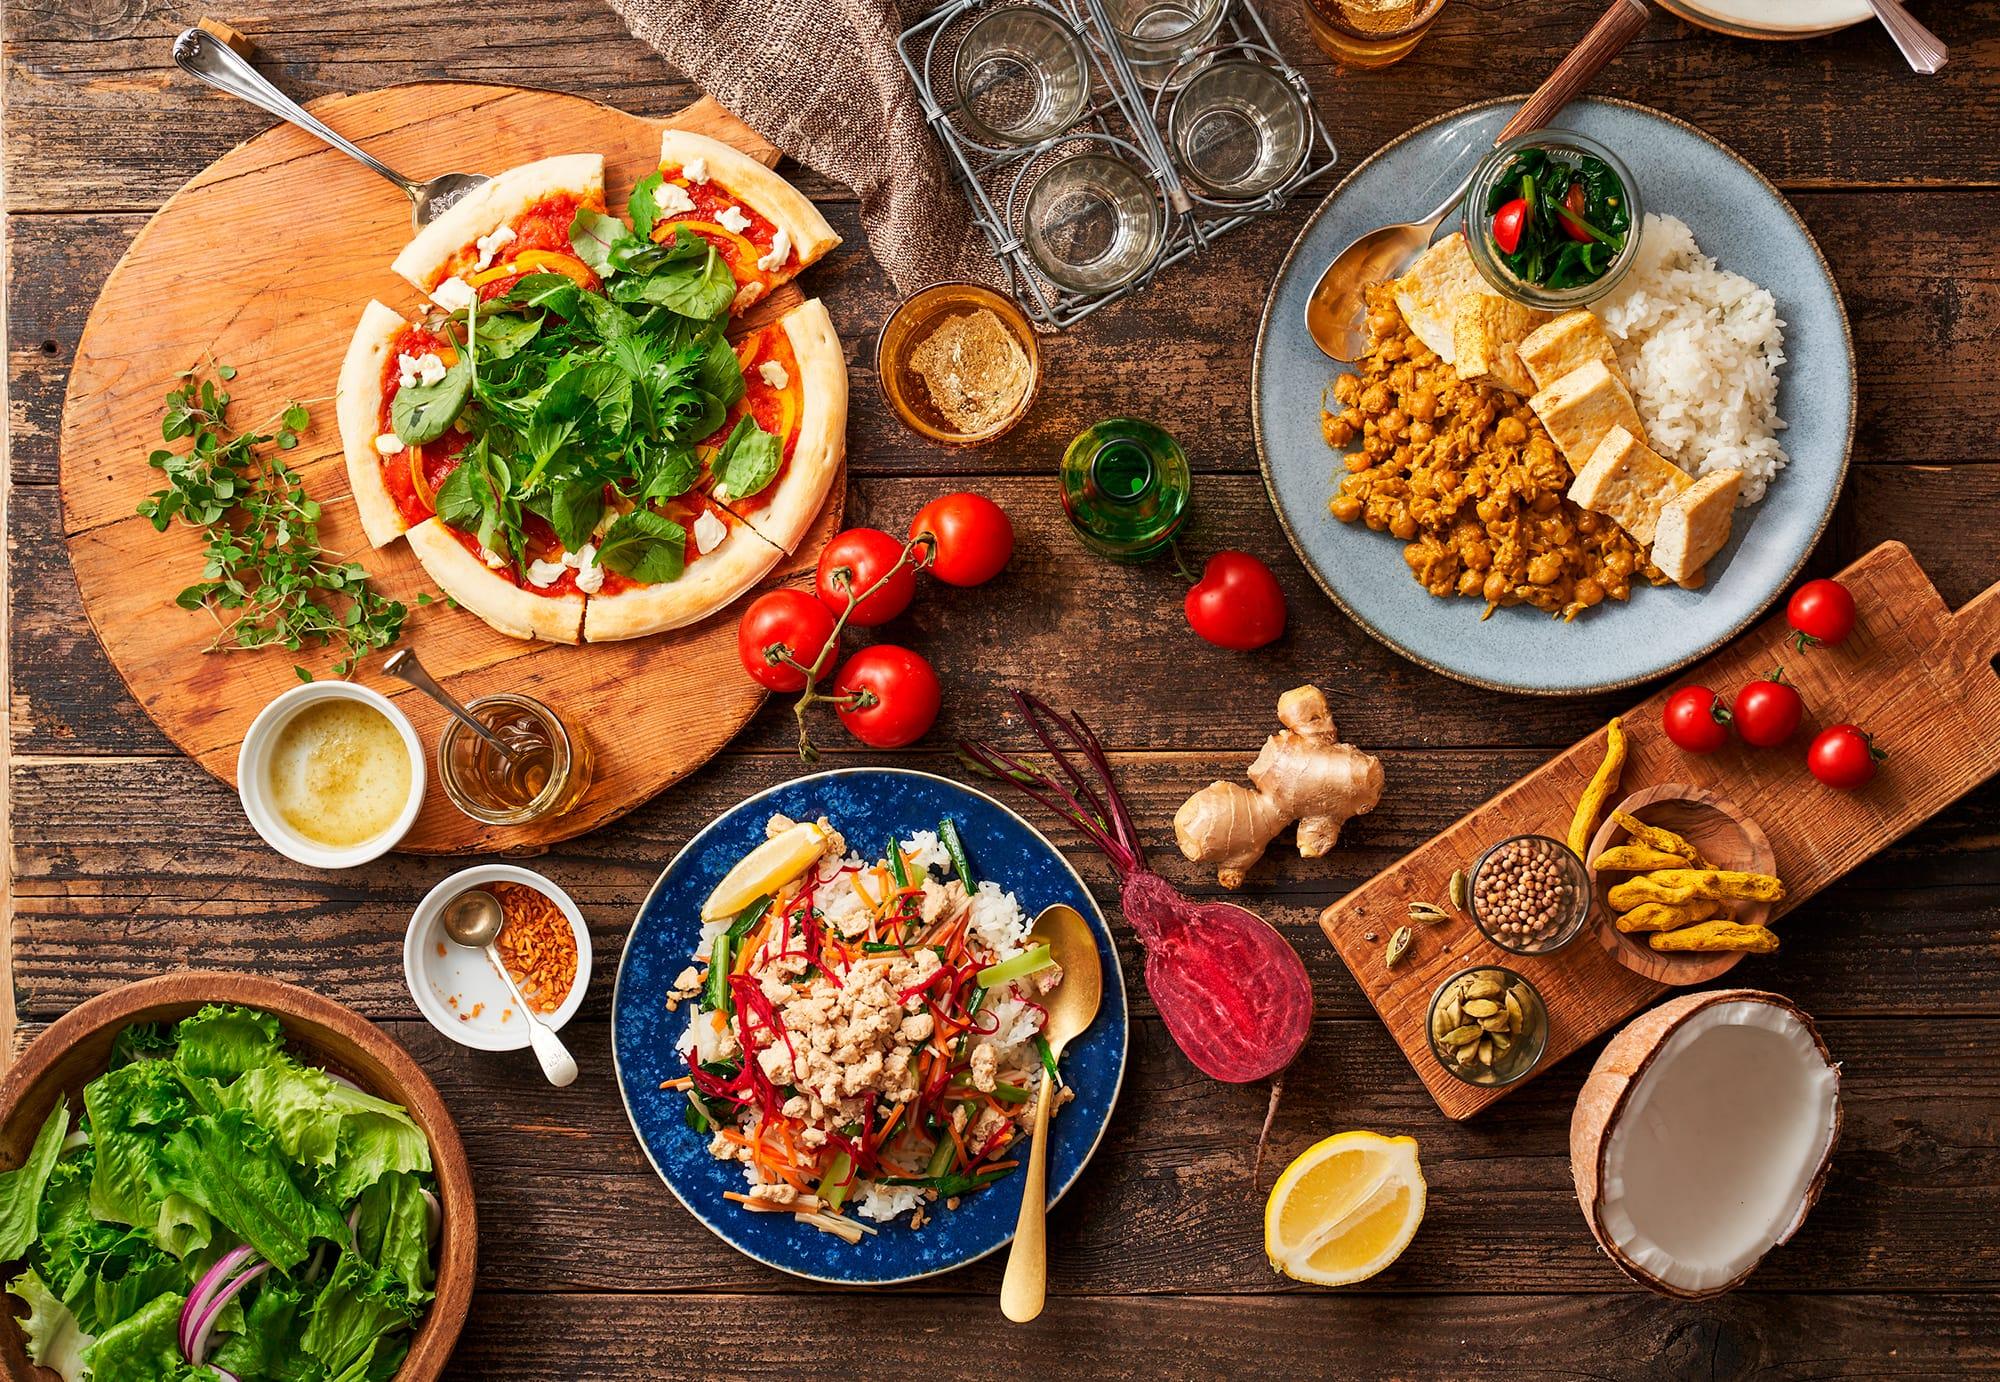 肉や魚、卵や乳製品を使用しないヴィーガン食を手軽に実践できるミールキット。